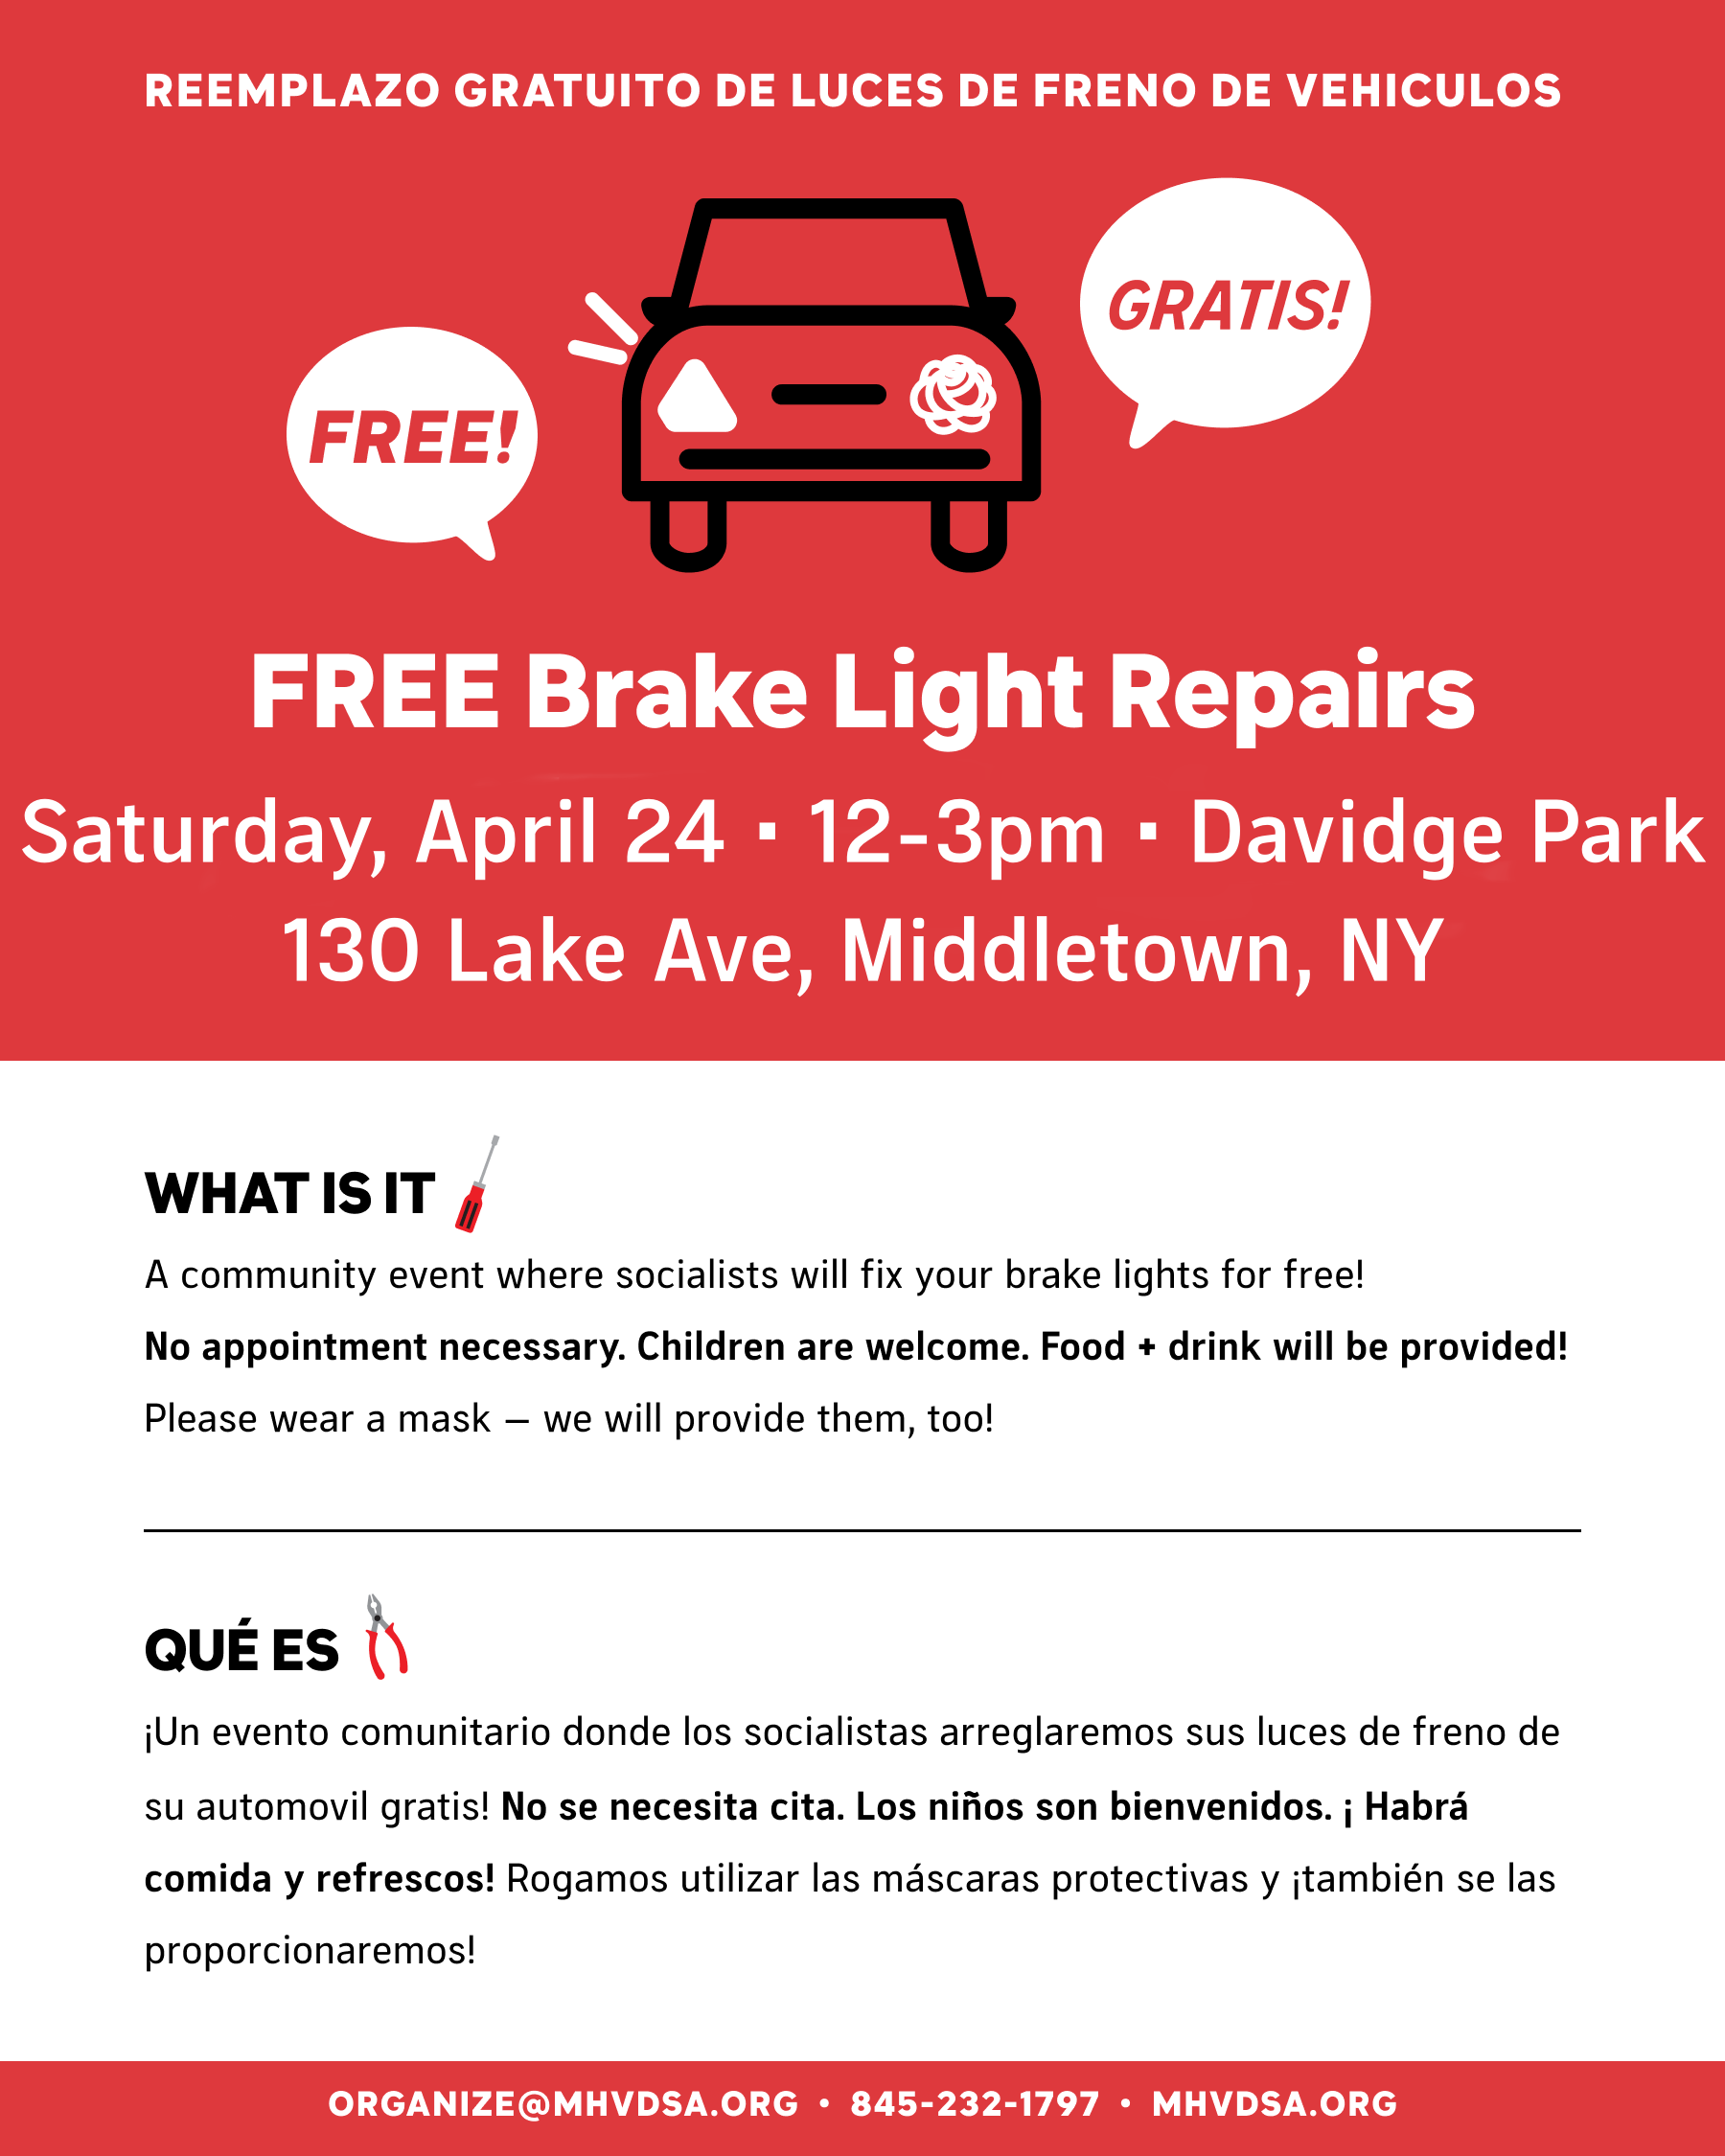 Free Brakelight Repairs